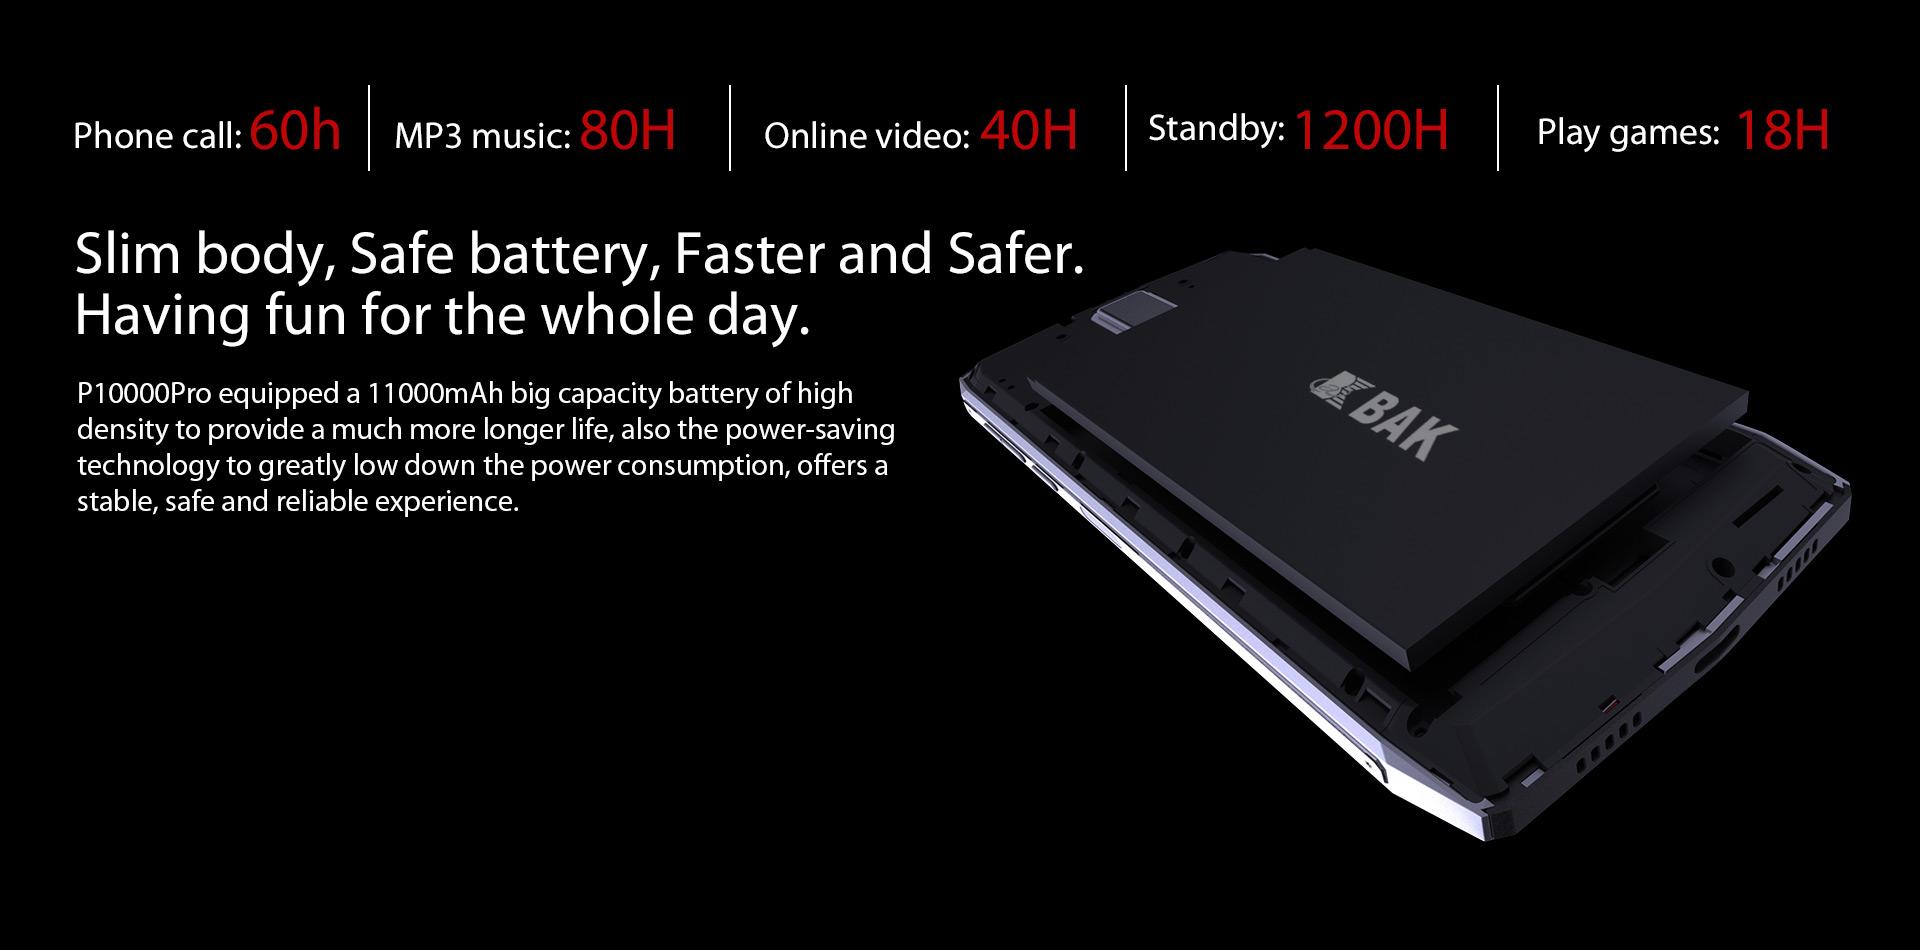 caractéristiques Blackview P10000 Pro